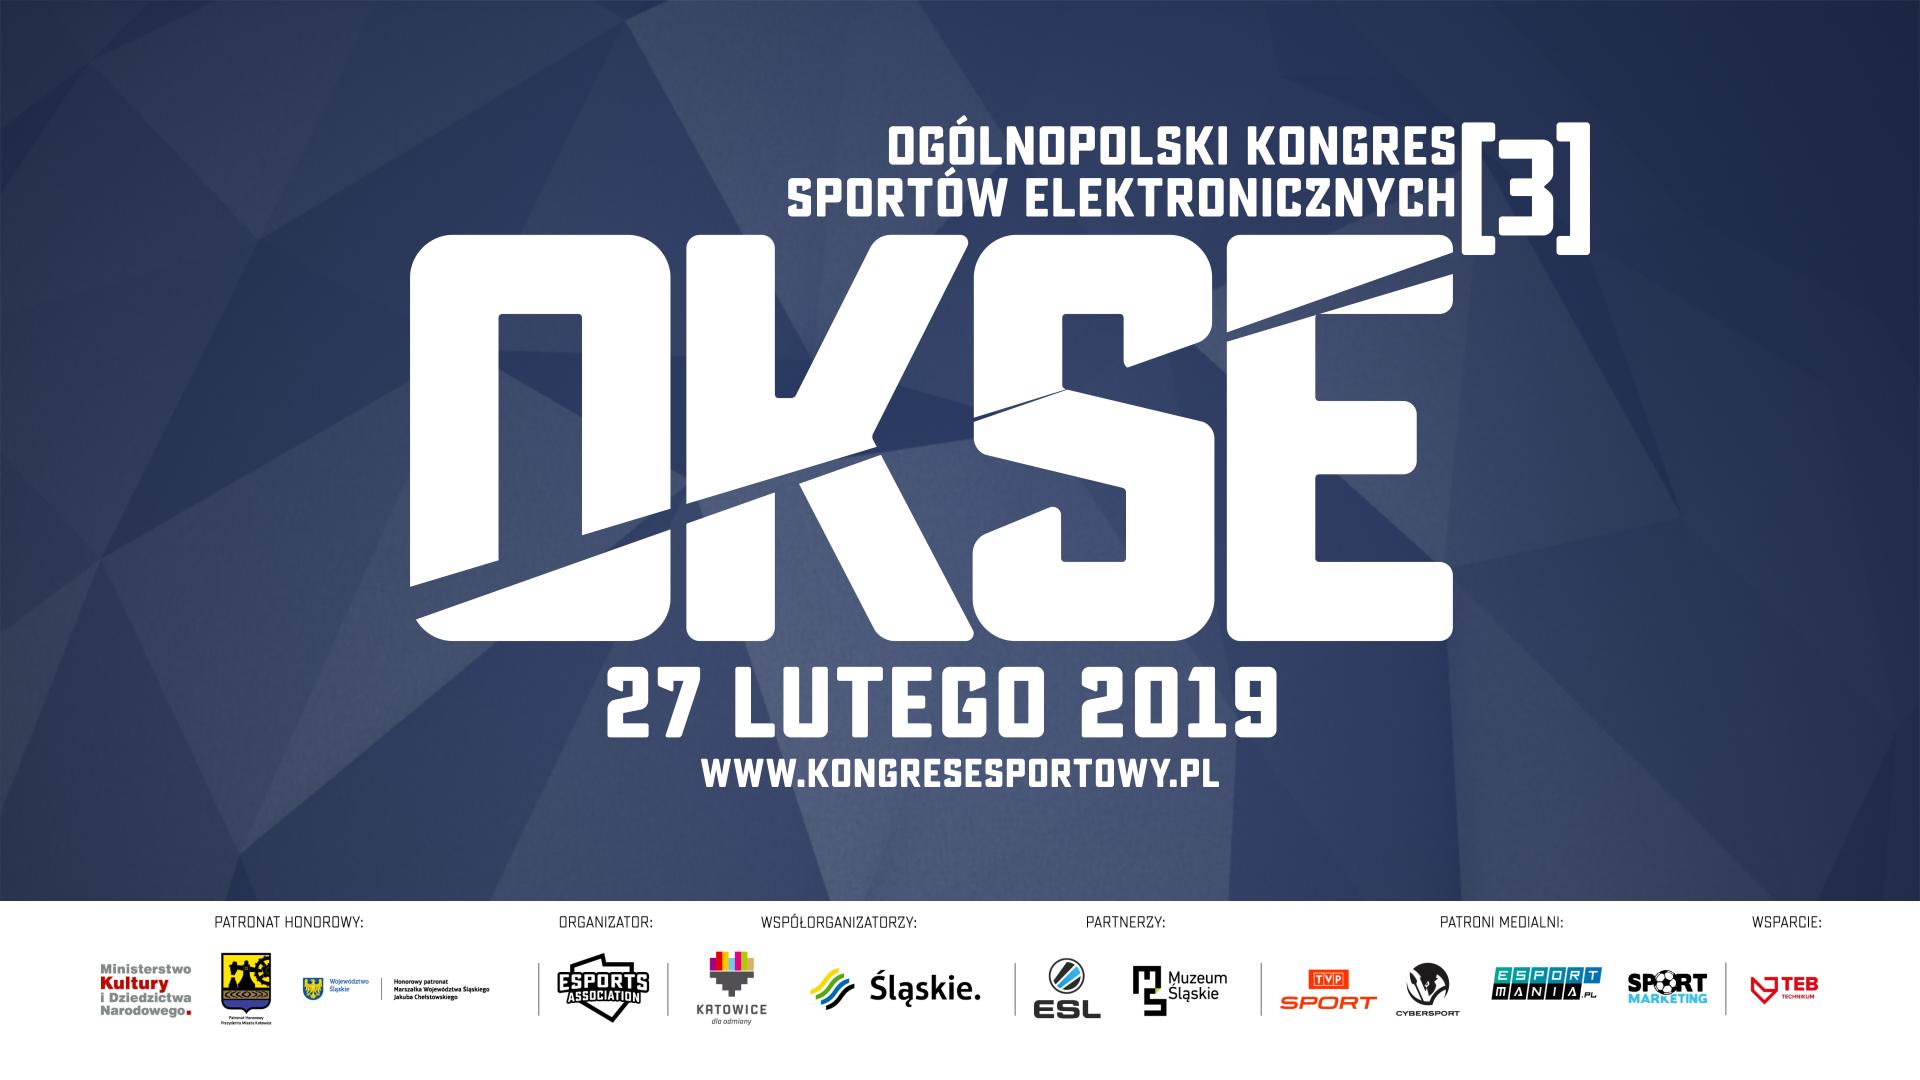 Ogólnopolski Kongres Sportów Elektronicznych powraca z trzecią edycją!